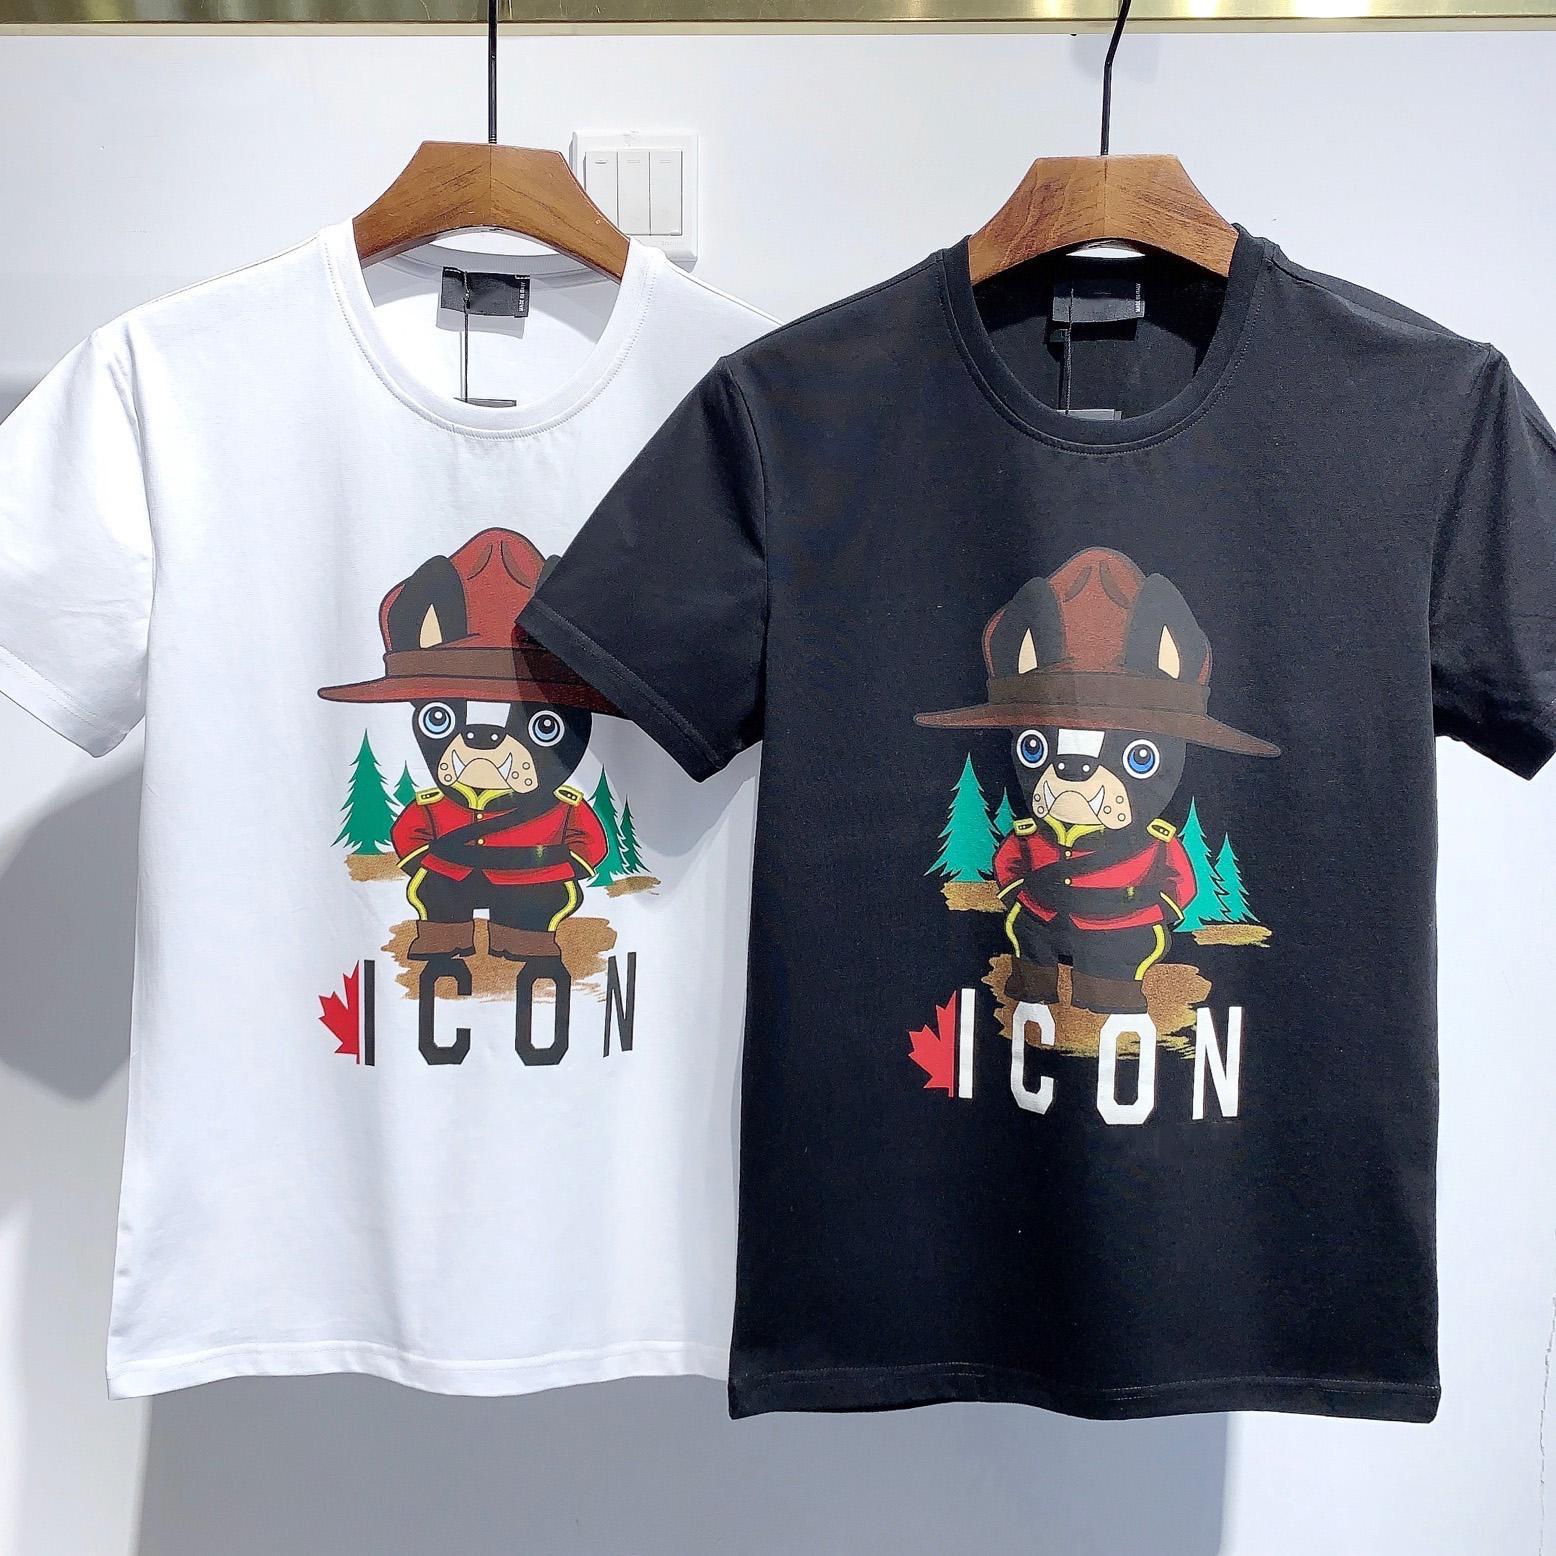 2021 패션 아이콘 디자이너 망 여성 T 셔츠 # DT072 여름 클래식 메이플 잎 티즈 필수품 흰색 글자 인쇄 캐주얼 의류